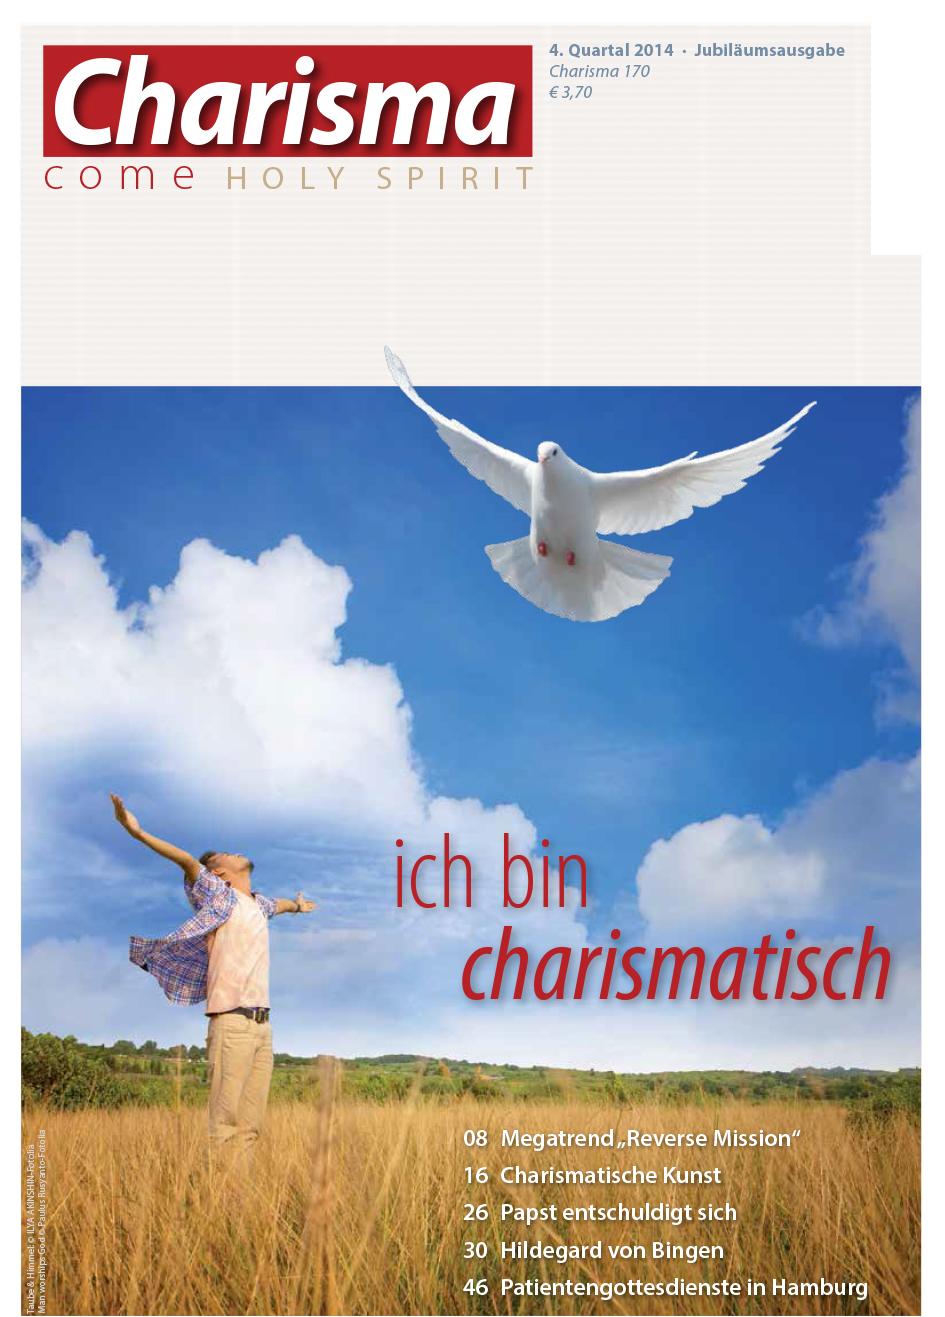 001_Charisma-170-Titel